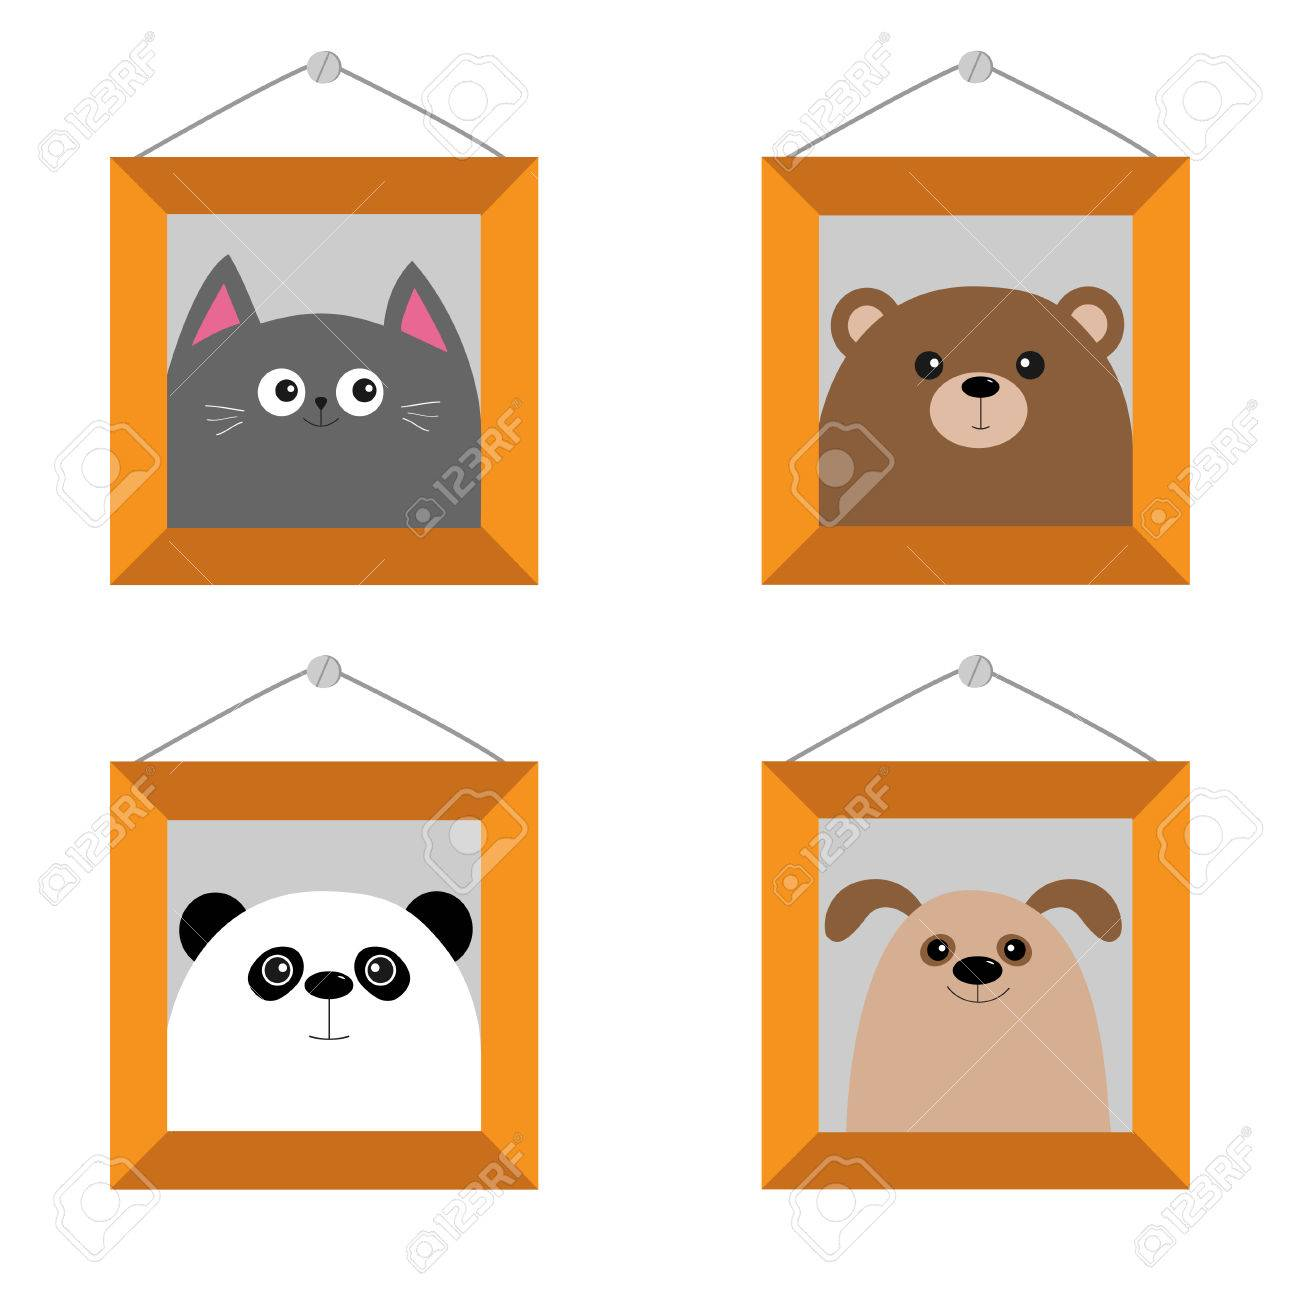 Hund, Bär, Katze, Panda Kopf. Bilderrahmen An Der Wand Hängen. Nette ...